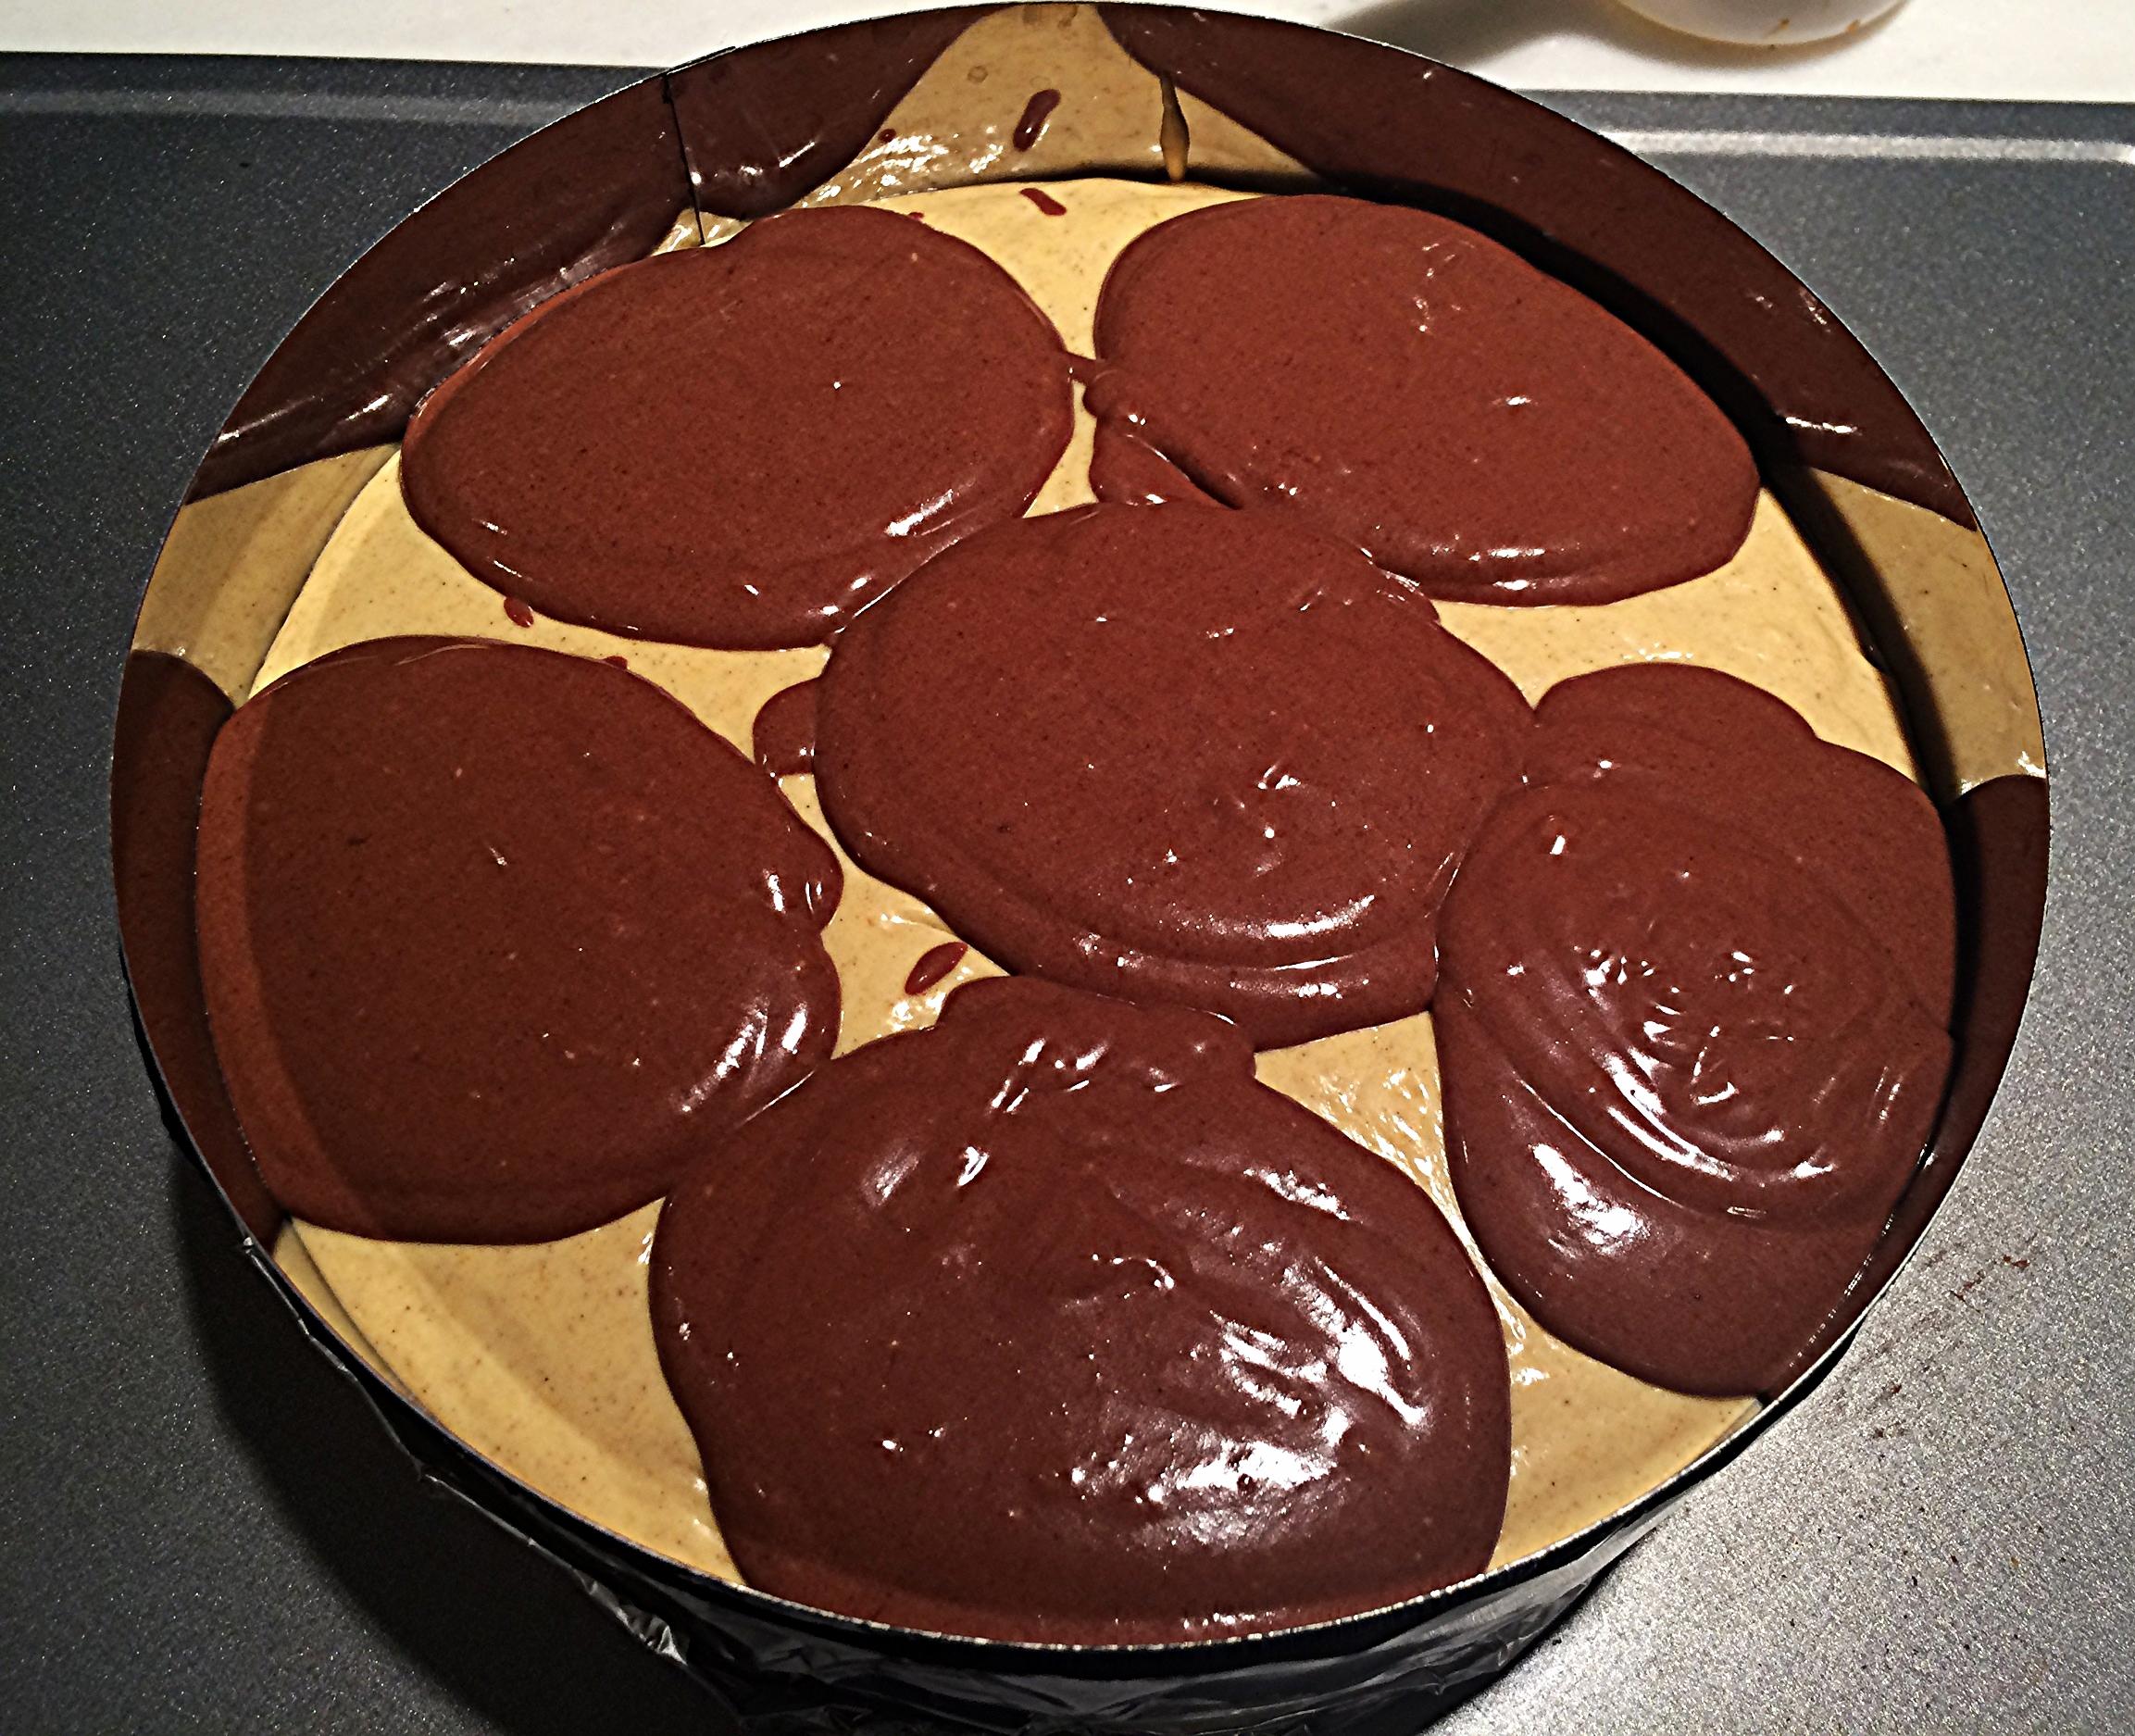 Coloque a massa de abóbora por cima da camada de biscoito, deixando uma quantidade próxima a de uma xícara reservada para fazer o marmorizado. Com uma colher de sopa, distribua a massa de chocolate por cima da de abóbora, como na foto acima. Tá vendo como a quantidade quase tampa a superfície da primeira camada? Foi aqui que eu cometi o meu erro. Se você reservar uma xícara da massa de abóbora pra intercalar com a de chocolate, você vai garantir um resultado próximo ao que obtive da primeira vez que fiz. É só colocá-la com uma colher de sopa, nos intervalos entre uma porção de chocolate e a outra.